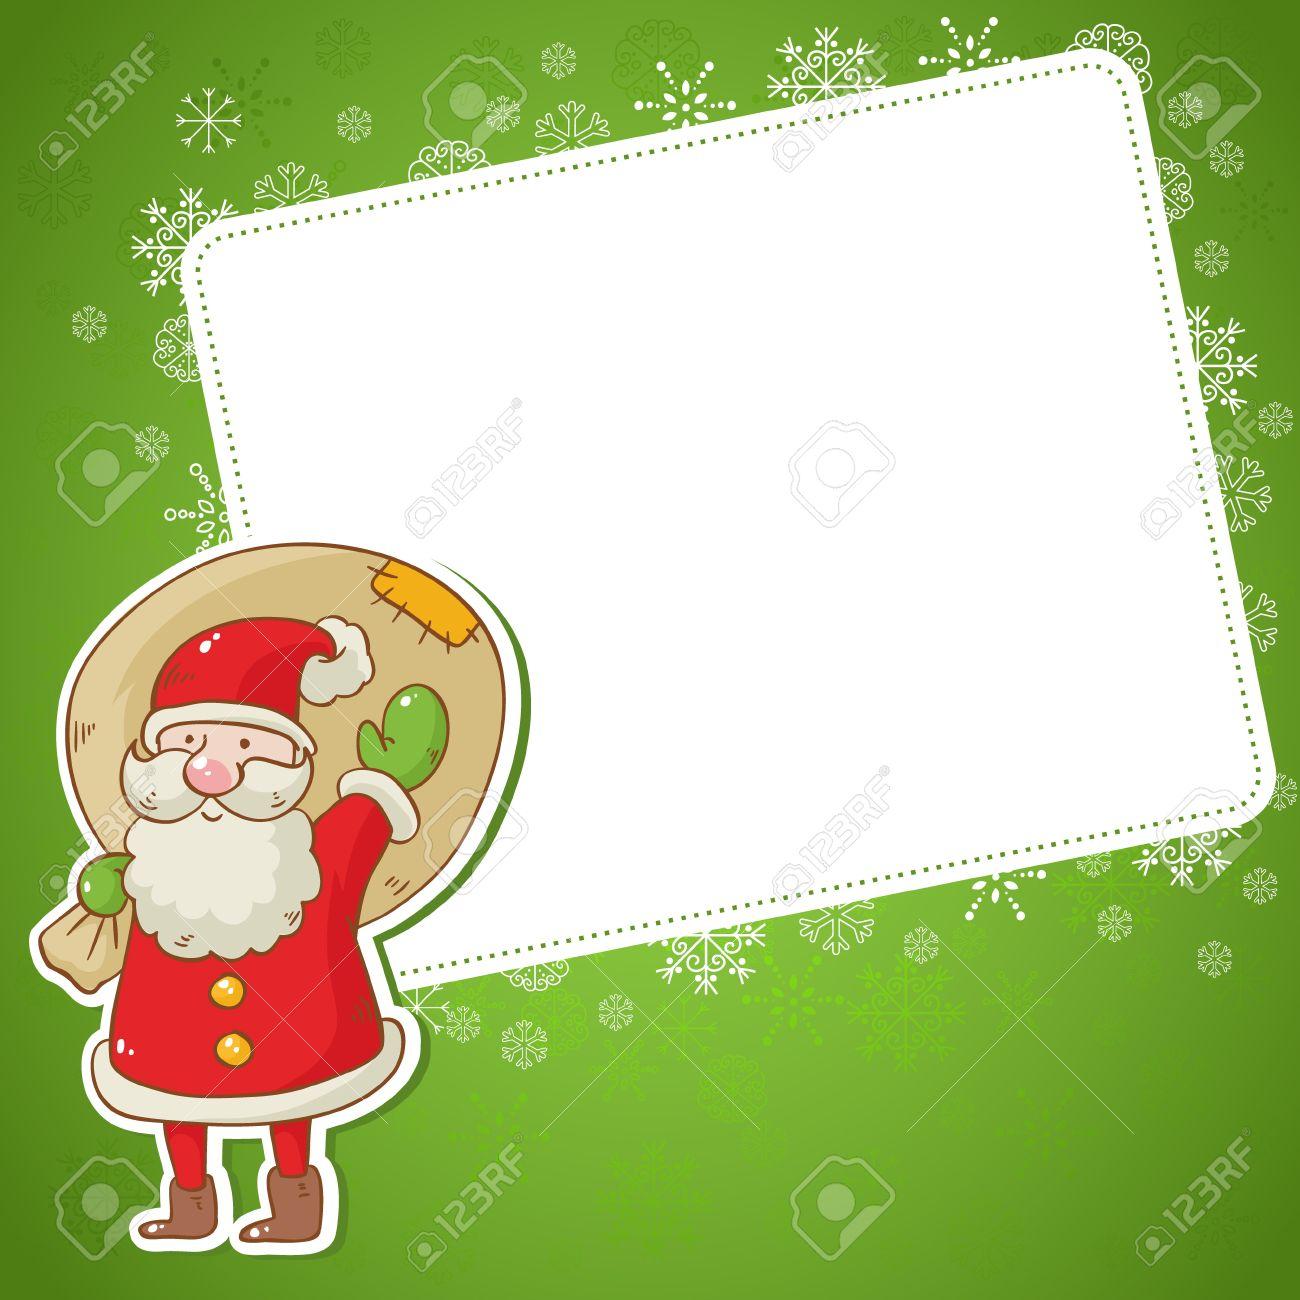 Santa Suit Stock Photos. Royalty Free Santa Suit Images